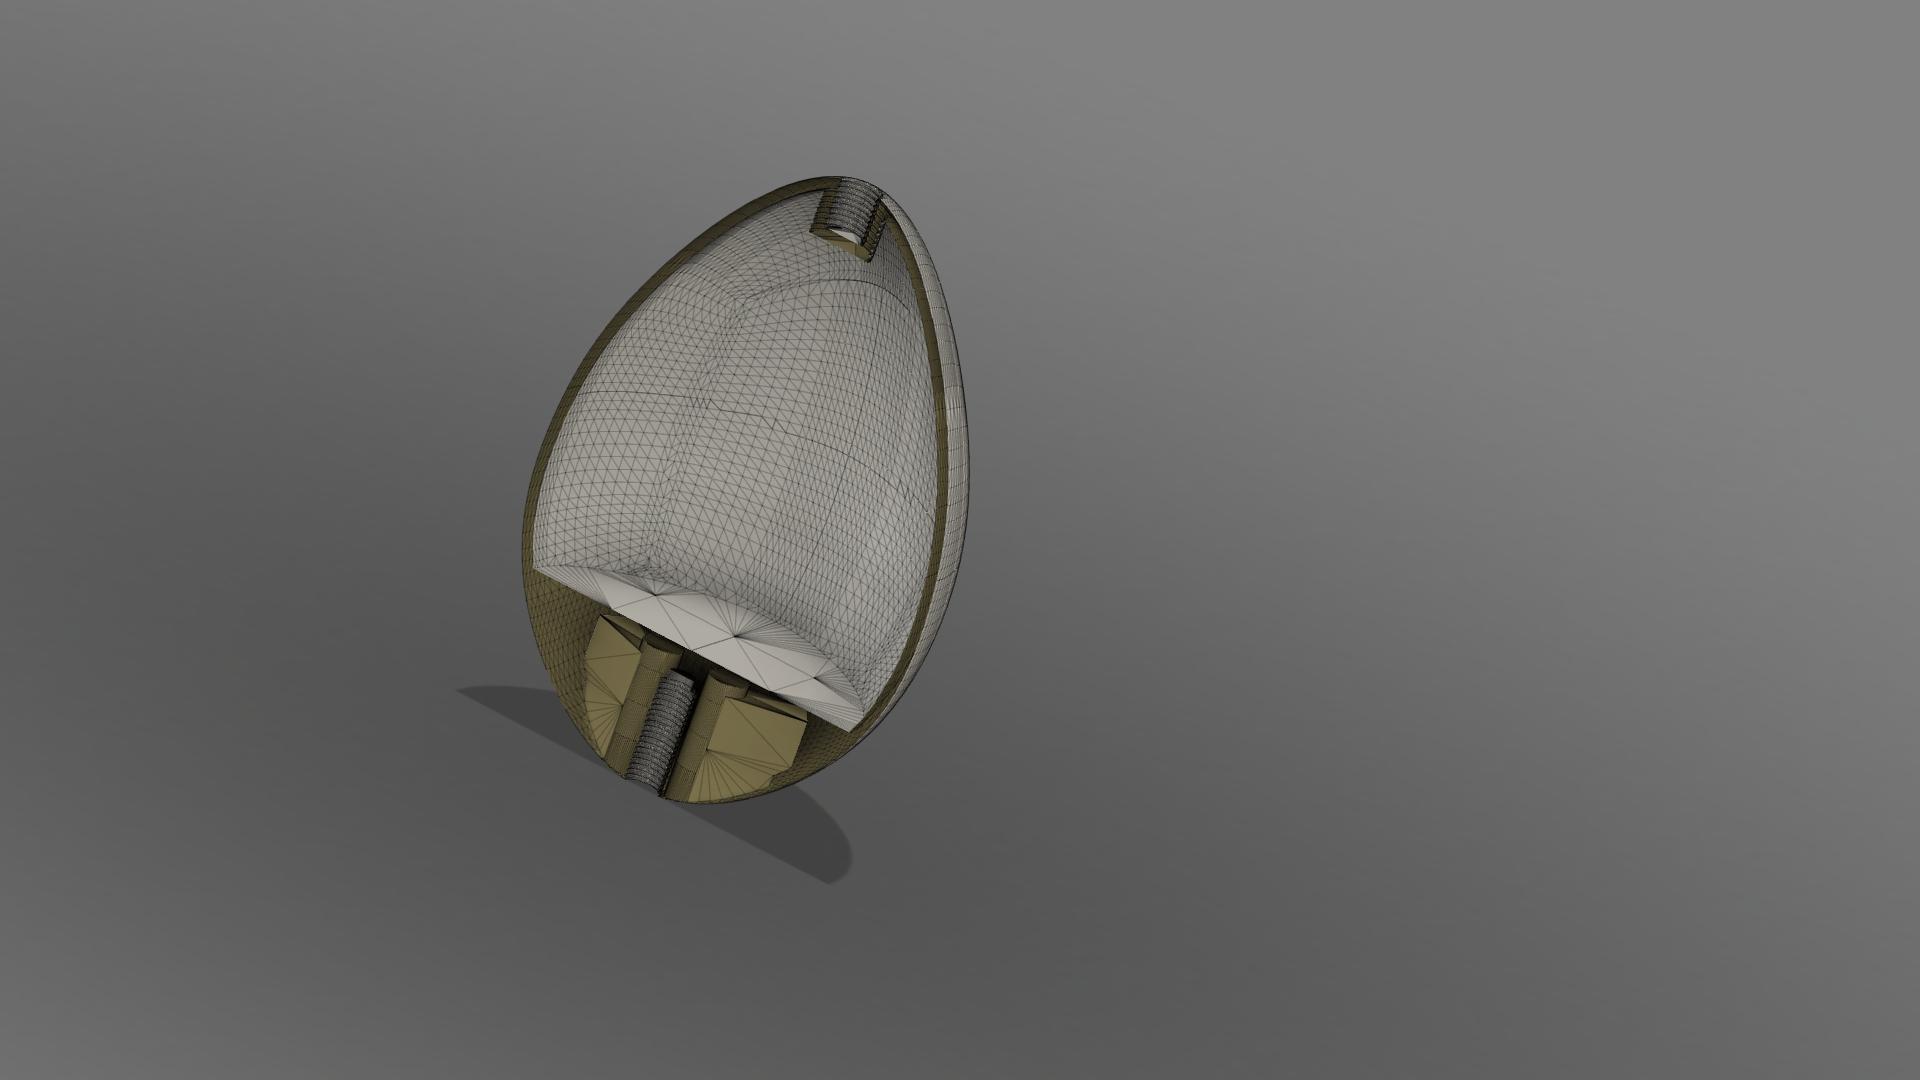 Яйцо_Mesh v1.png Télécharger fichier OBJ gratuit Modèle d'impression 3D de Harry Potter et la Coupe de feu (Oeuf) • Objet à imprimer en 3D, quaddalone